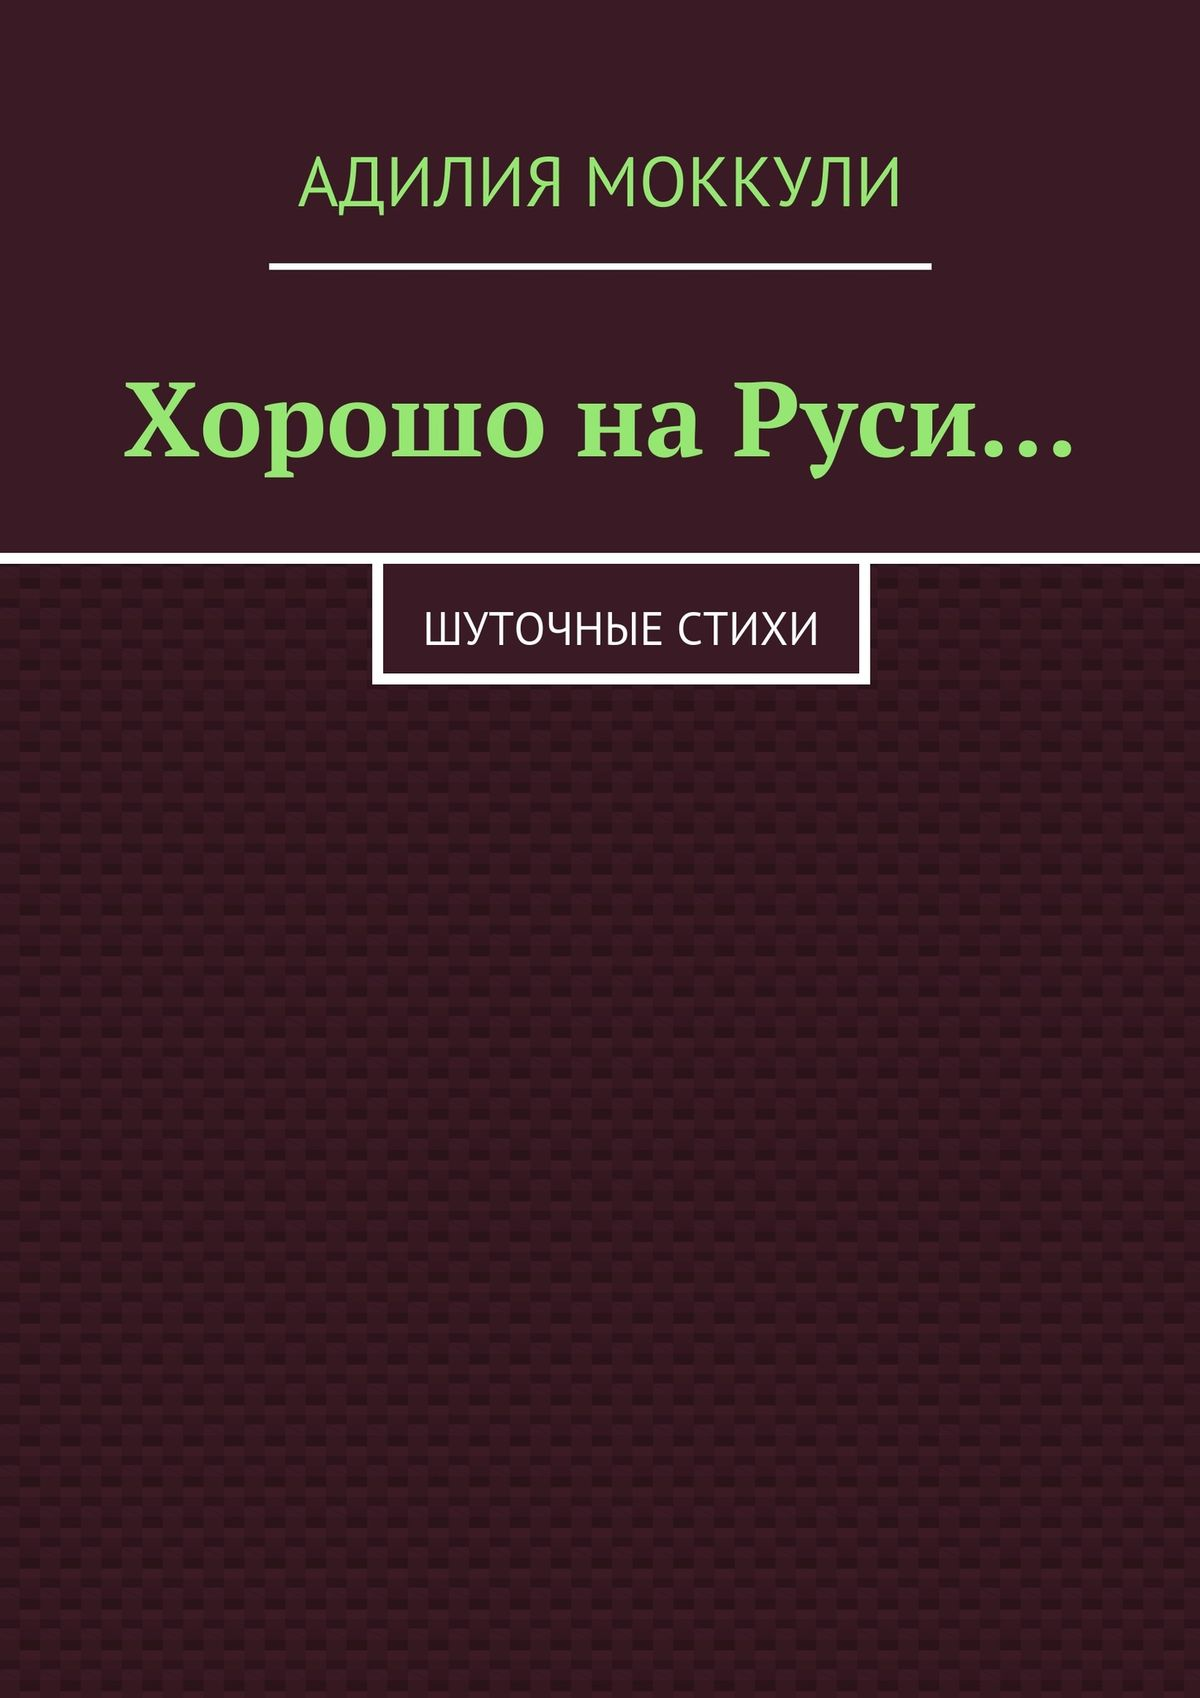 Адилия Моккули Хорошо на Руси… адилия моккули хорошо на руси…